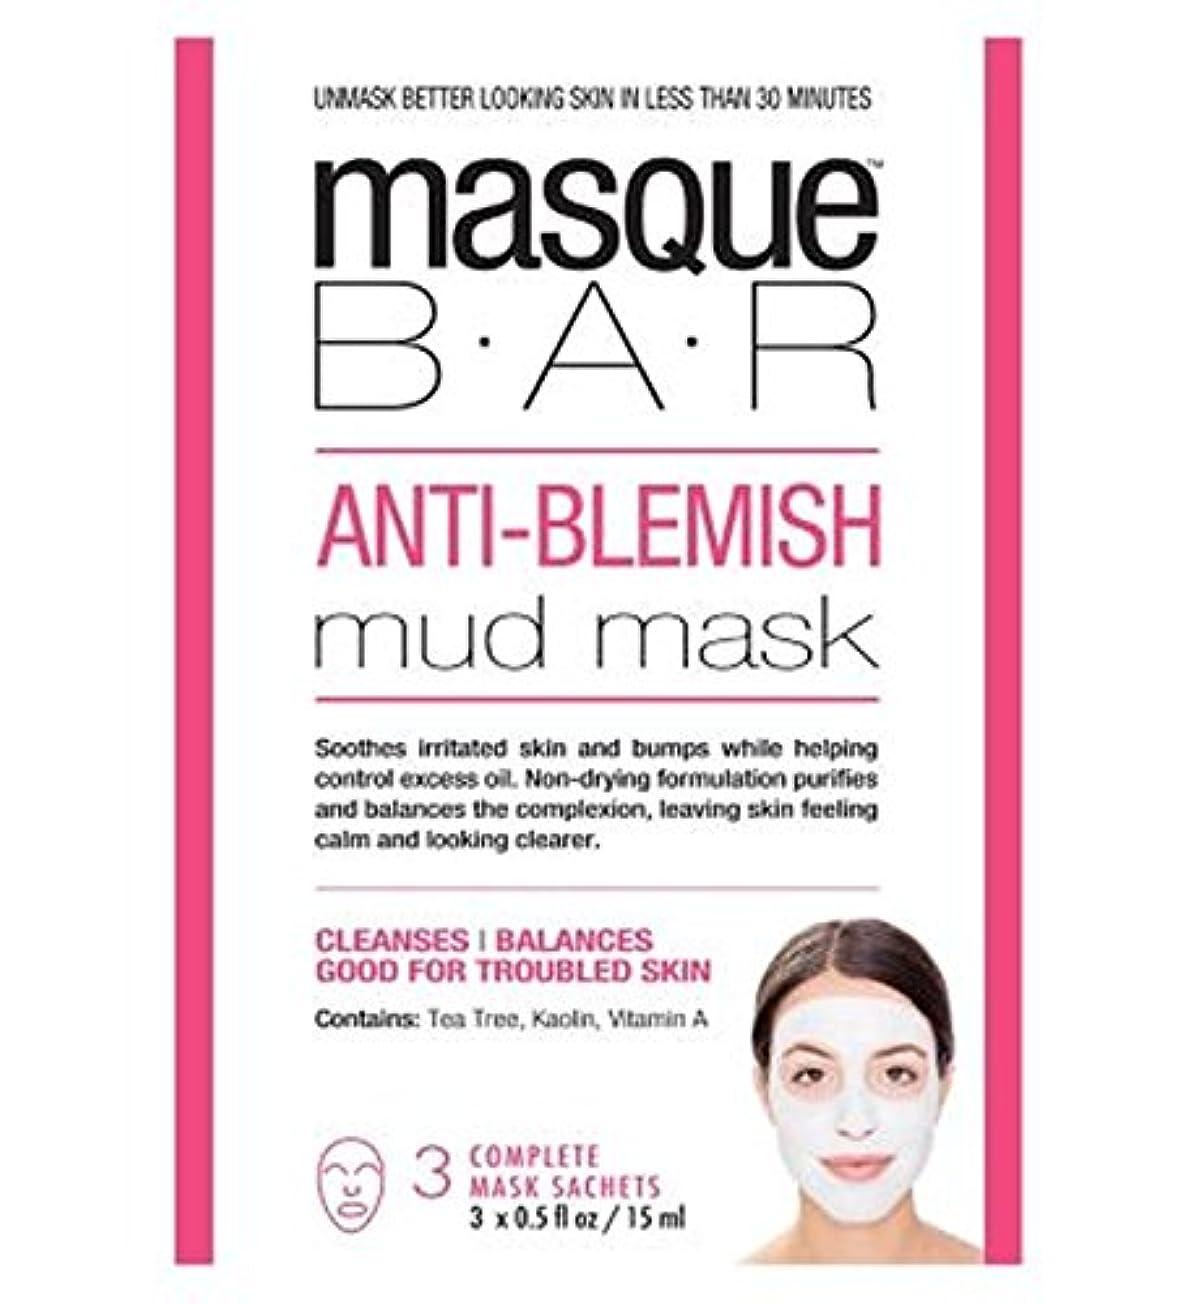 他のバンドで外観無条件仮面劇バー抗傷泥マスク - 3S (P6B Masque Bar Bt) (x2) - Masque Bar Anti-Blemish Mud Mask - 3s (Pack of 2) [並行輸入品]